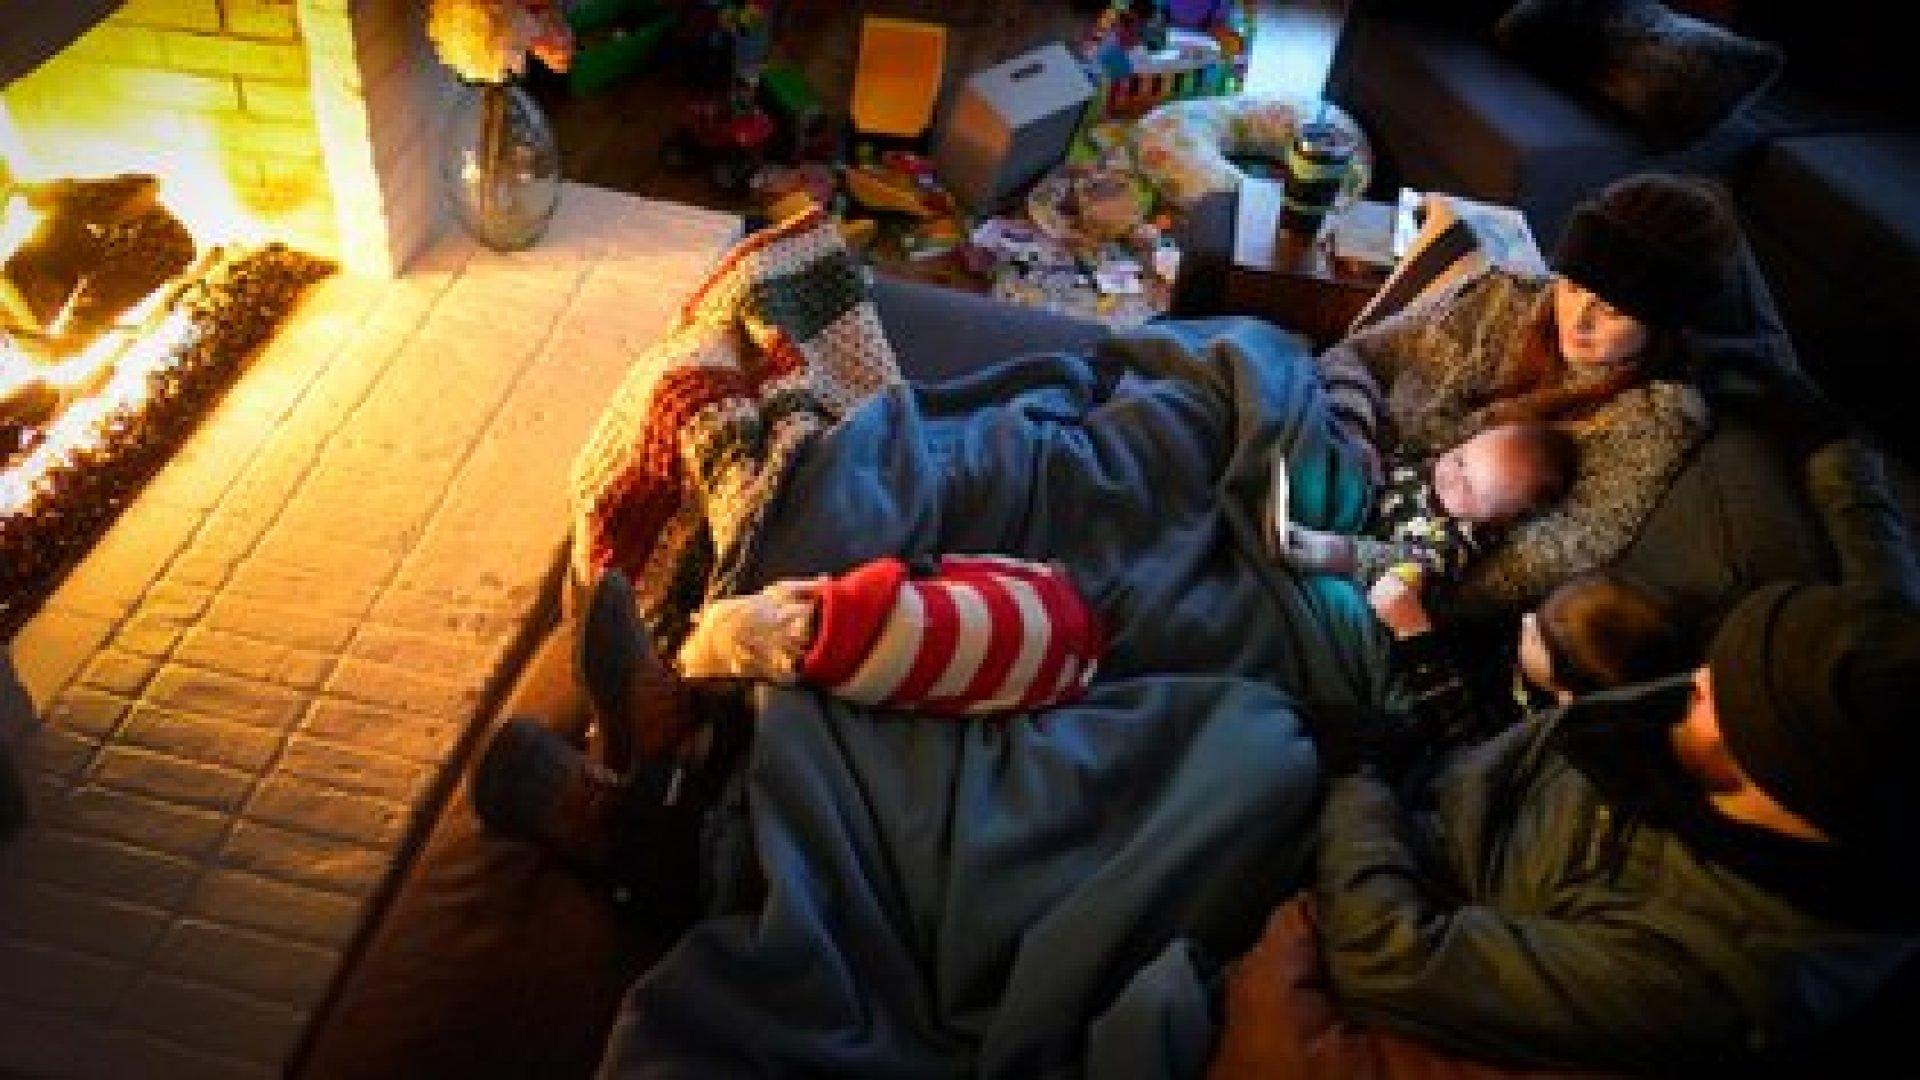 Una familia buscando calor (AP)